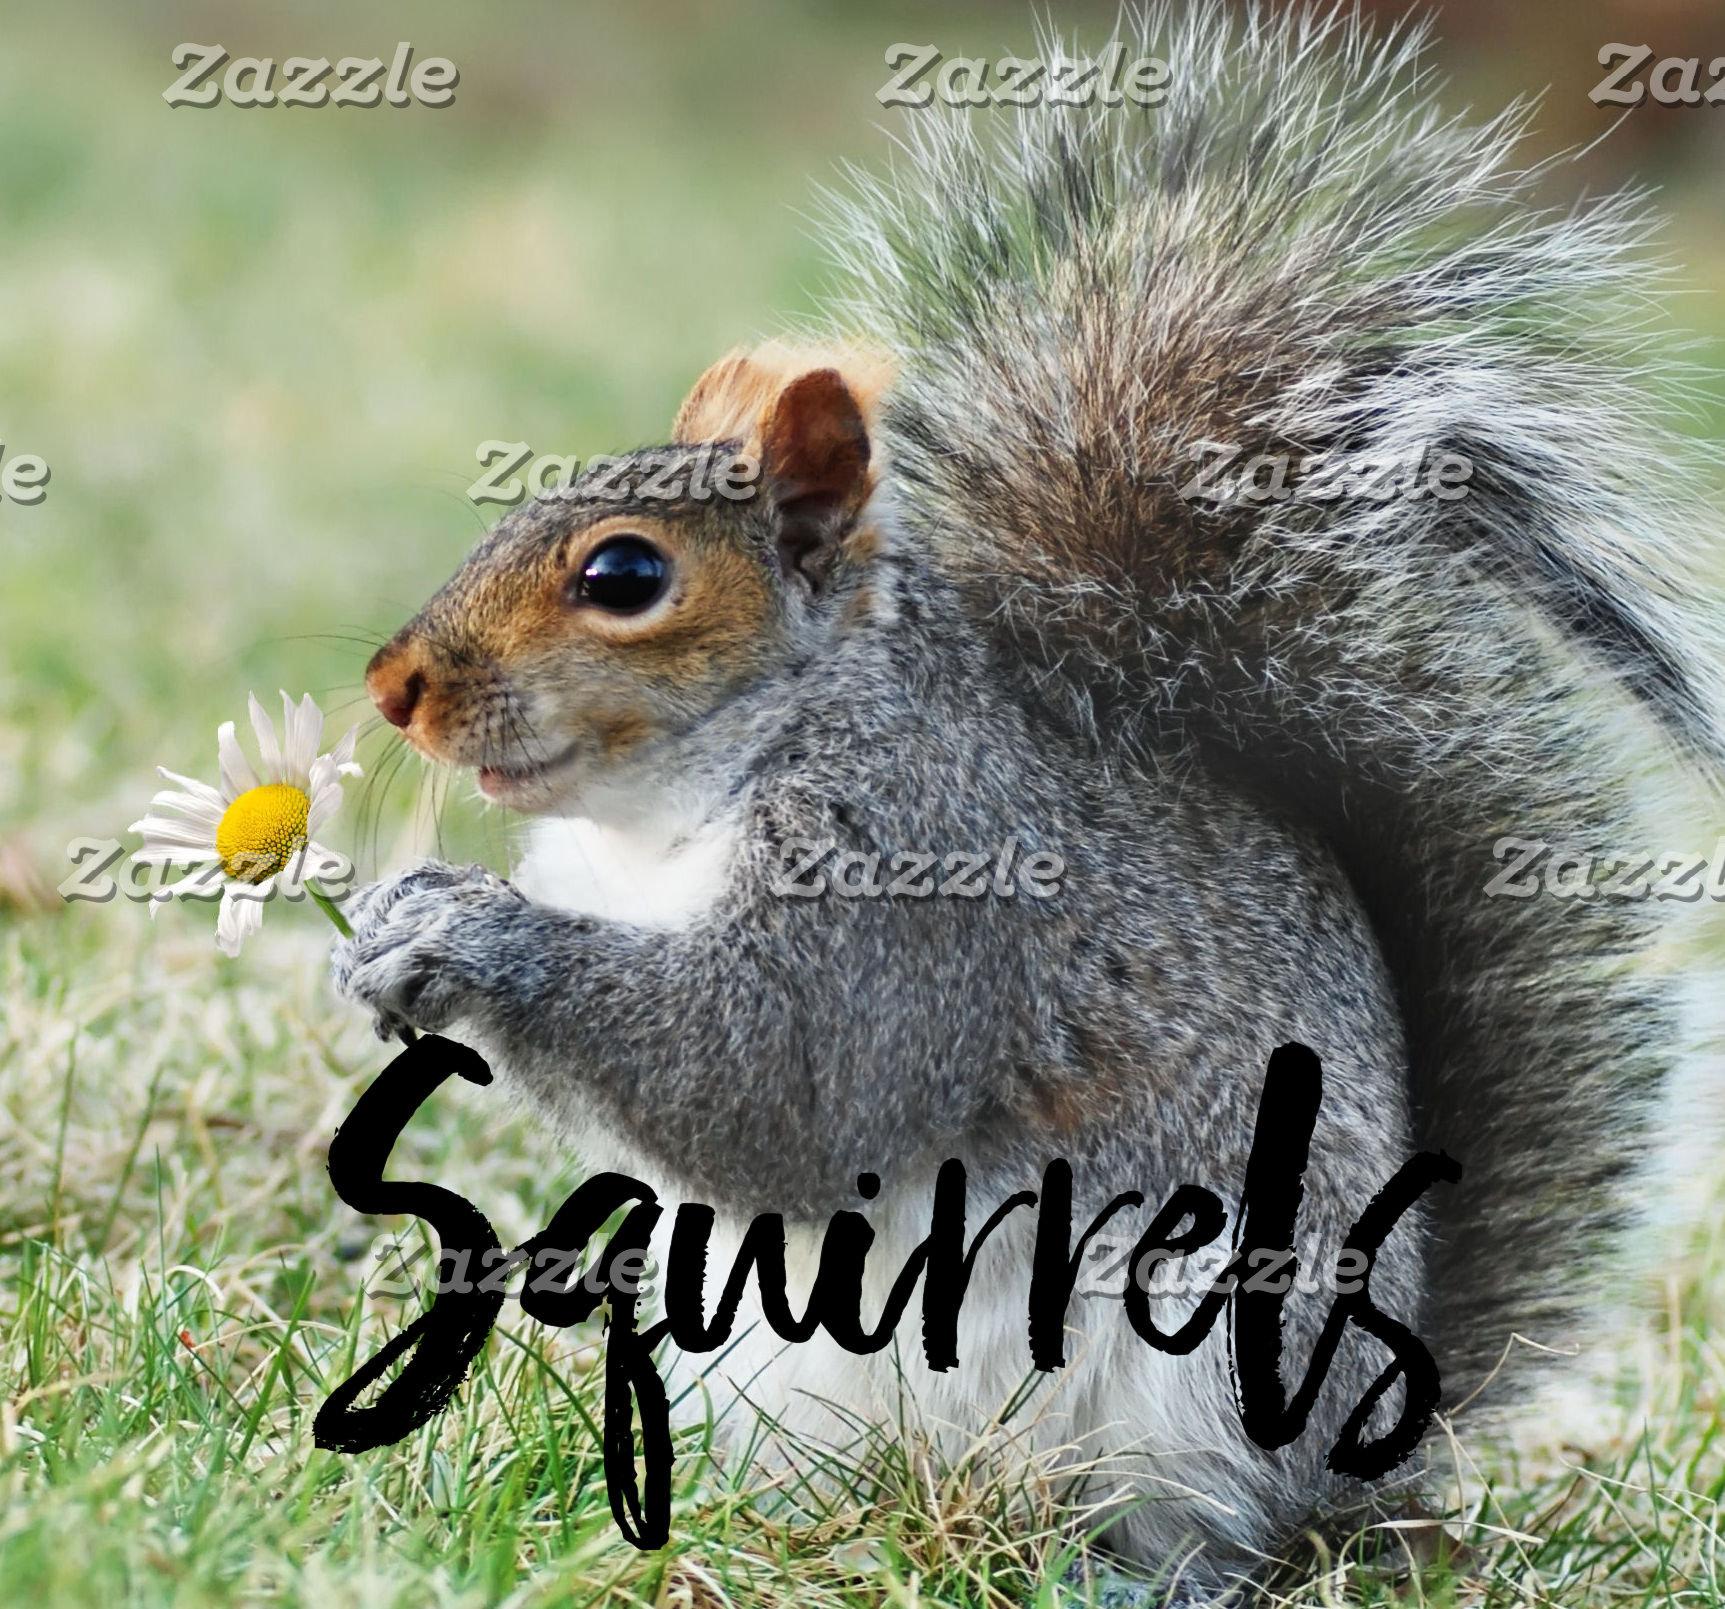 Crazy Squirrels